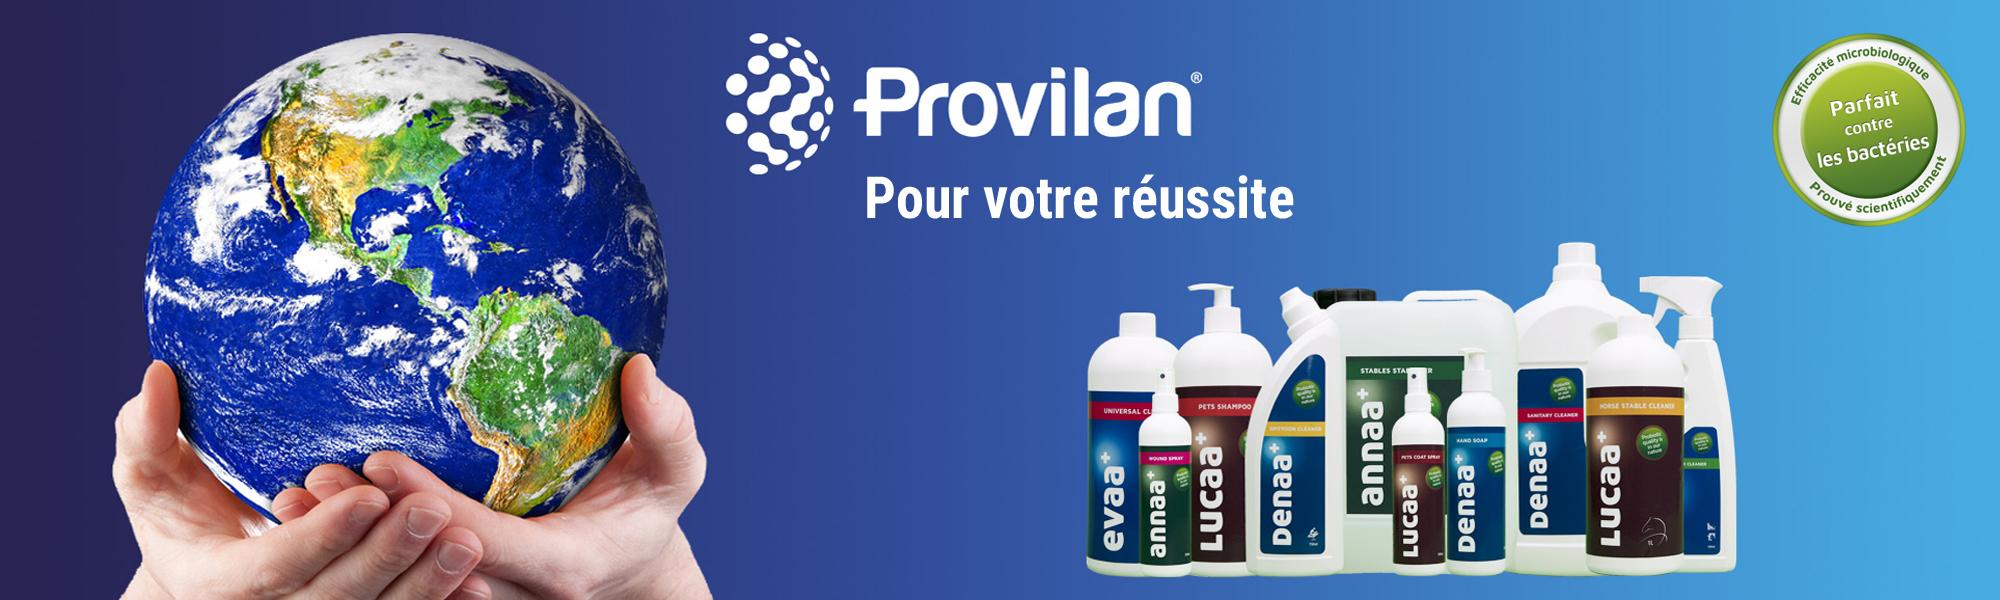 Provilan. Un concept réussi.